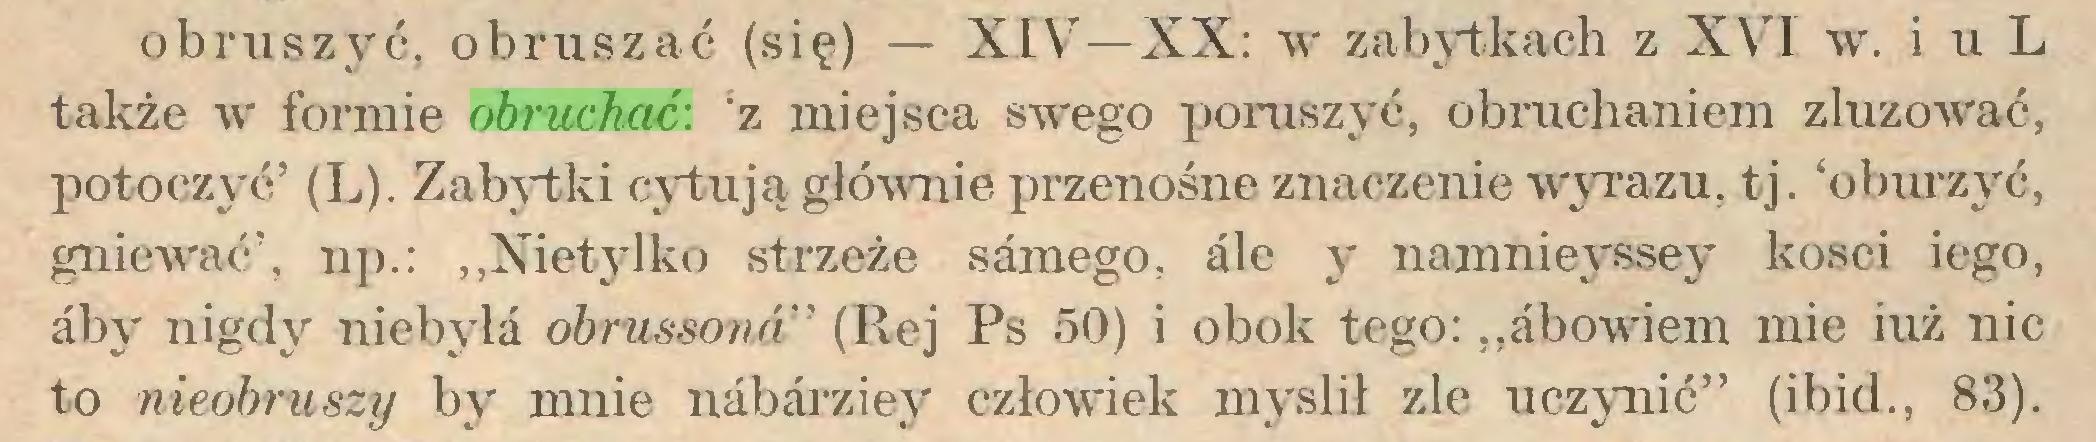 """(...) obruszyć, obruszać (się) — XIV7—XX: wr zabytkach z XVI wr. i u L także w formie obruchać: 'z miejsca swego poruszyć, obmchaniem zluzować, potoczyć' (L). Zabytki cytują głównie przenośne znaczenie wyrazu, tj. 'oburzyć, gniewać', np.: """"Nietylko strzeże samego, ále y namnieyssey kości iego, áby nigdy niebyła obnissonan (Rej Ps 50) i obok tego: """"abowiem mie iuż nic to nieobruszy by mnie nábárziey człowiek myslił zle uczynić"""" (ibid., 83)..."""